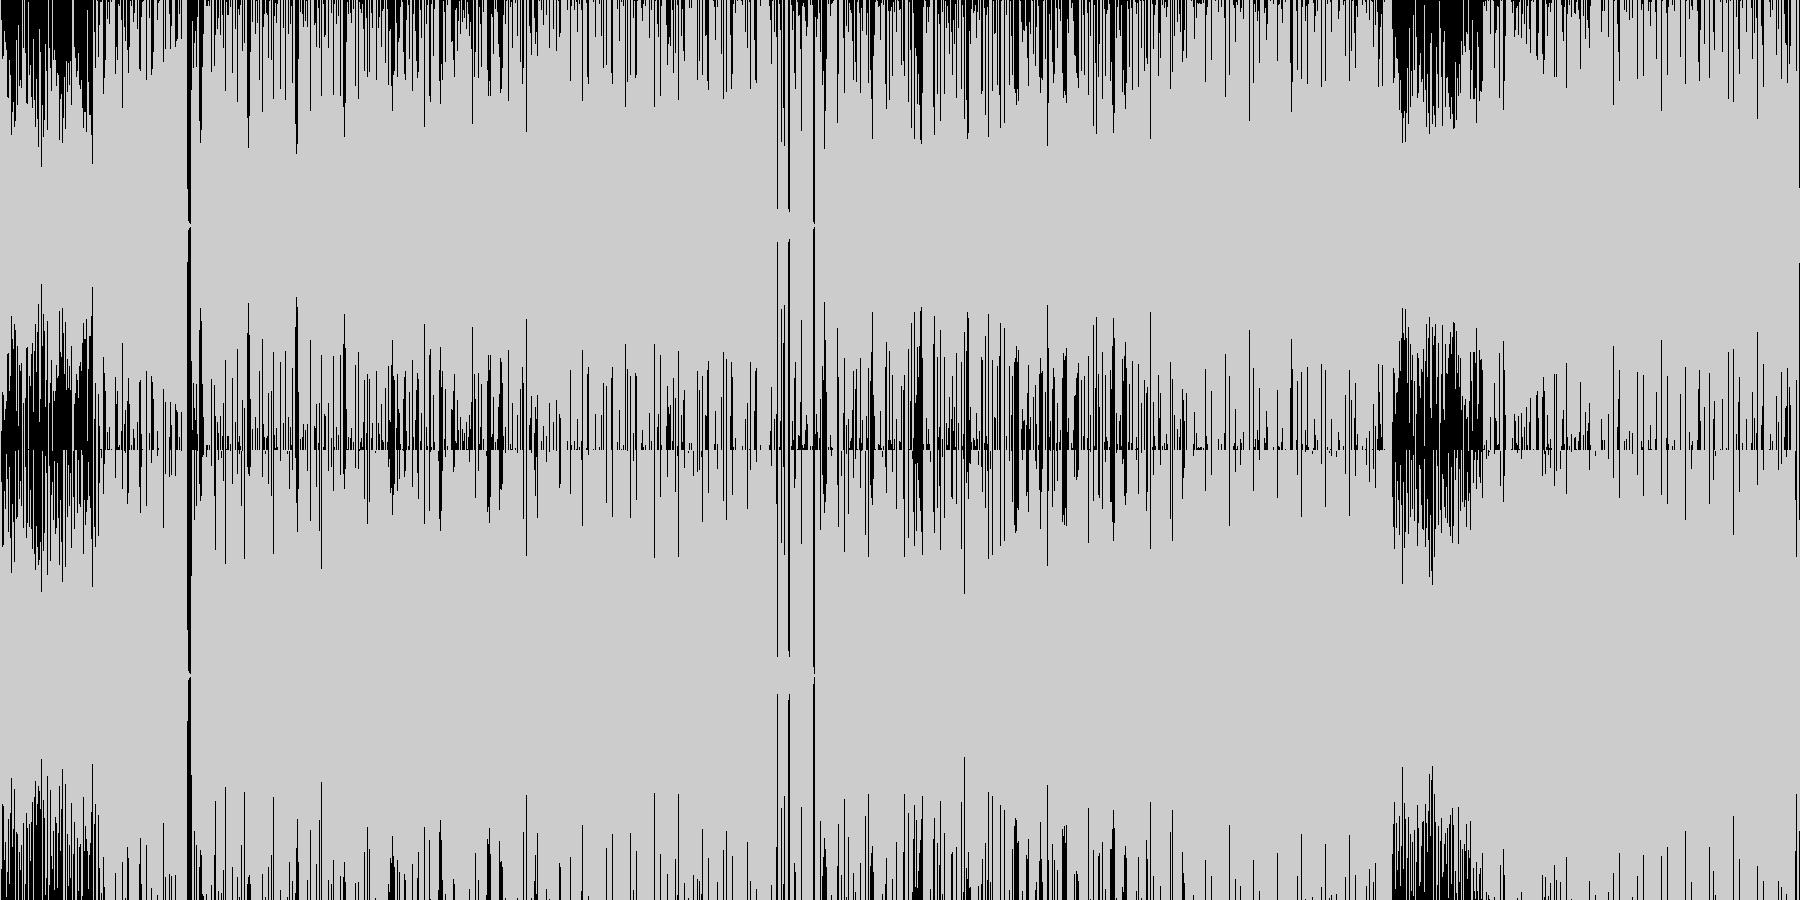 ヒップホップ風のダンスミュージックの未再生の波形